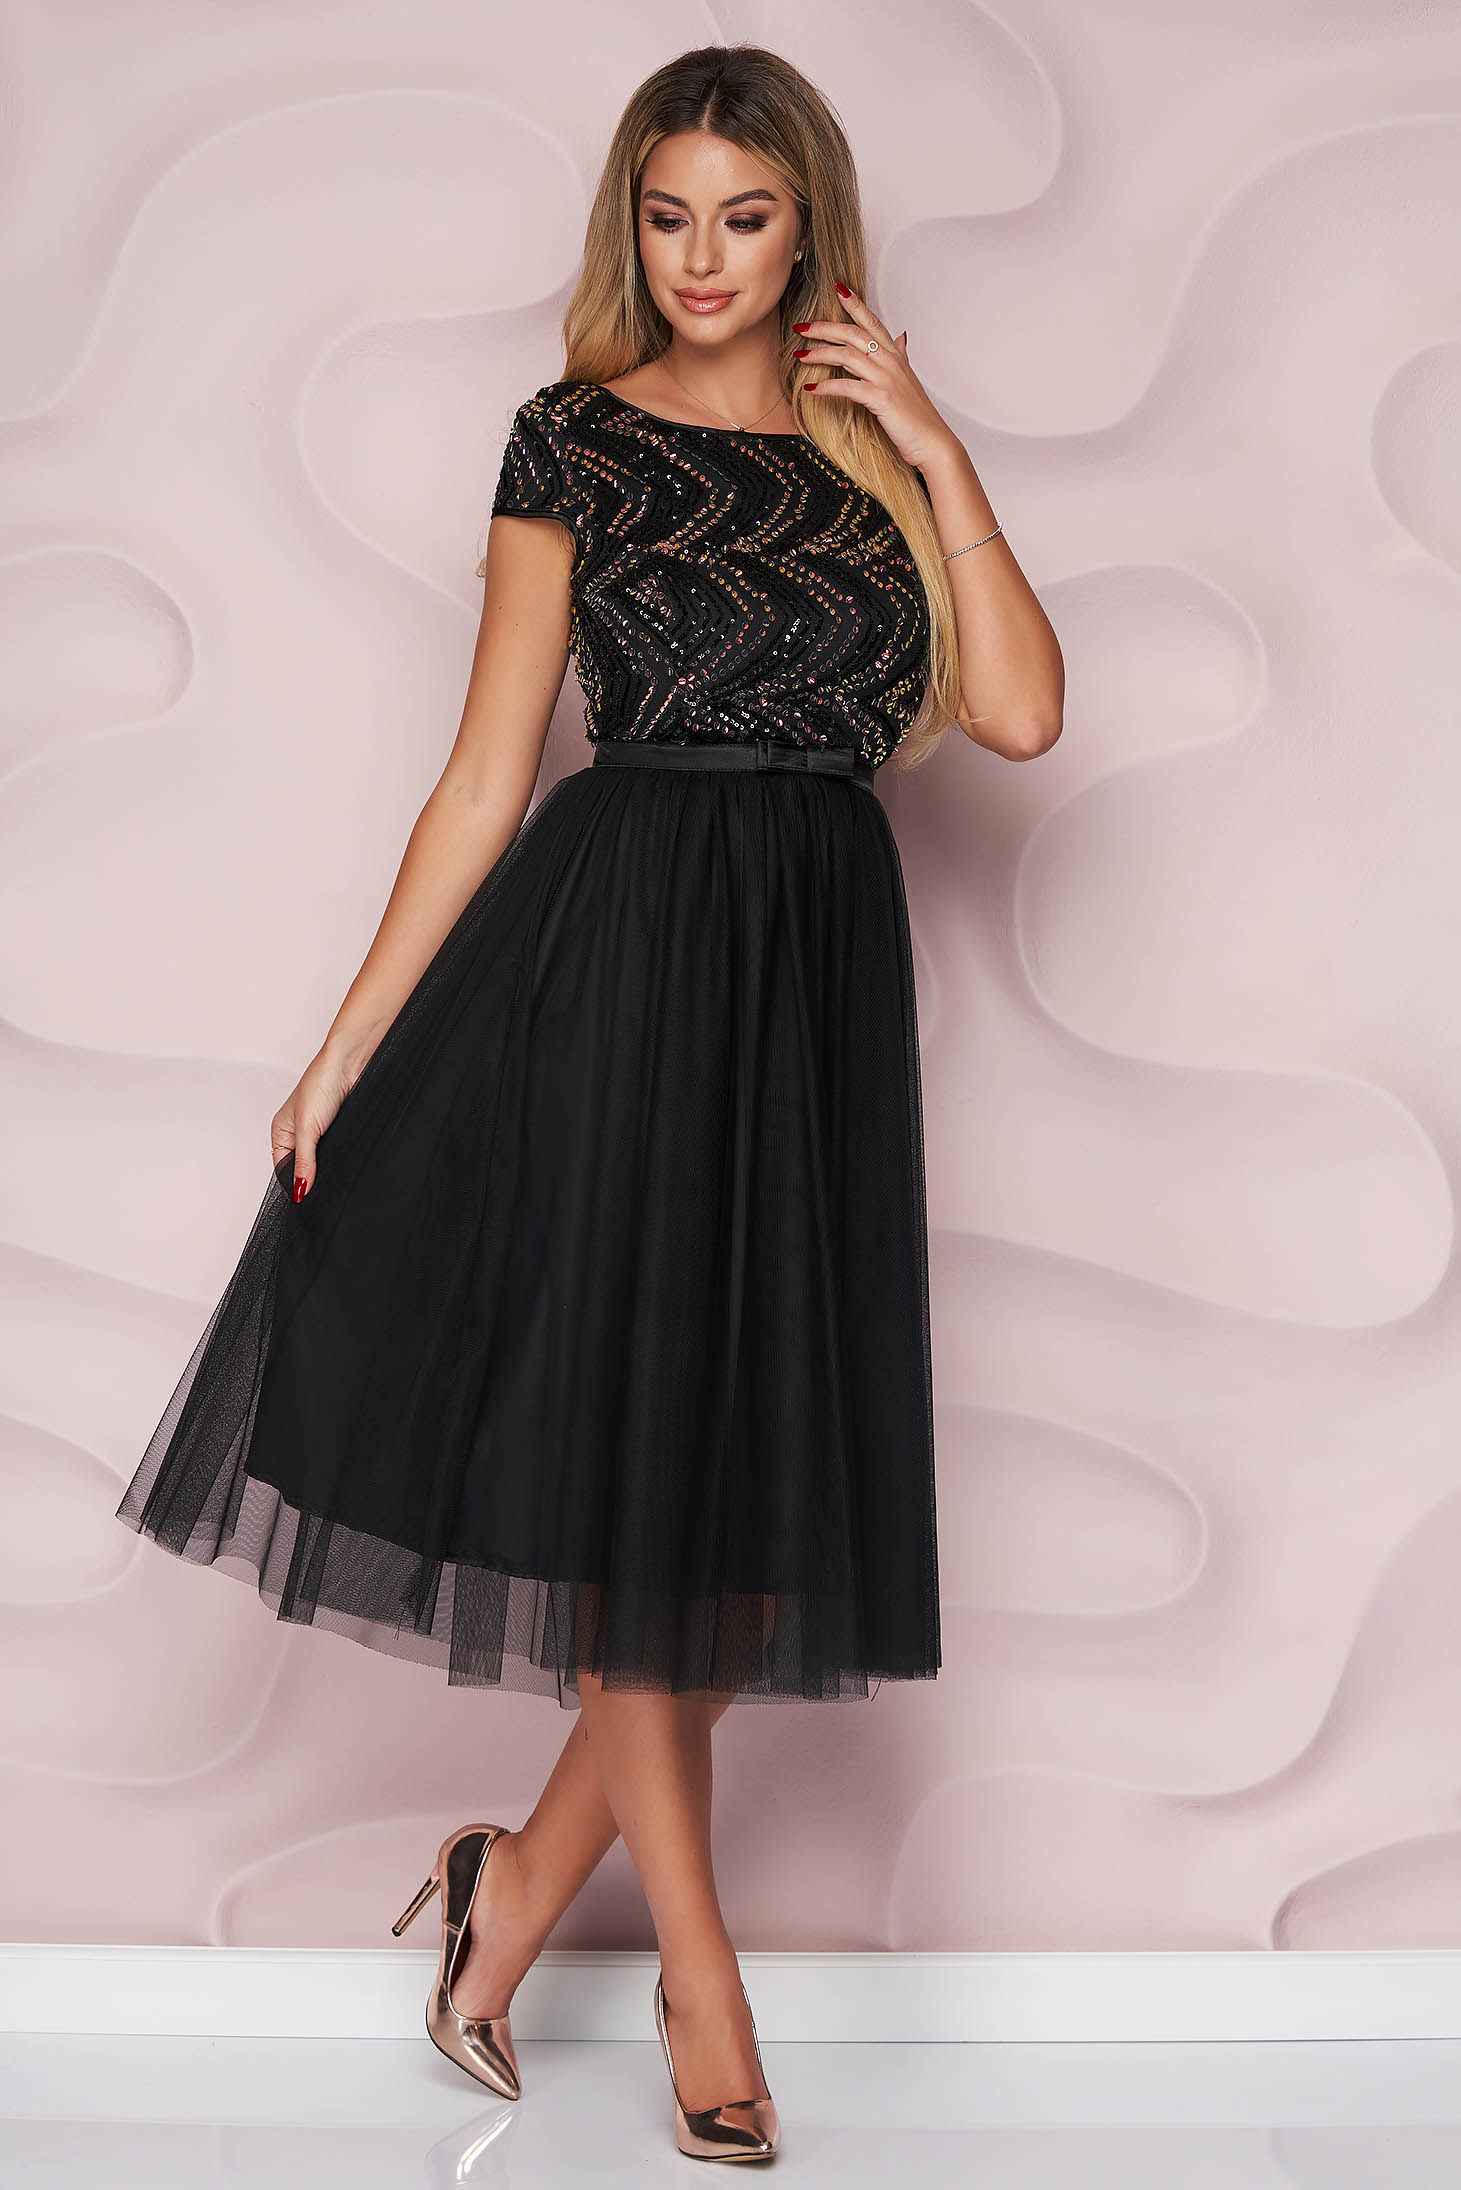 Fekete StarShinerS midi harang ruha tüllből, flitteres díszítéssel és rövid ujjakkal